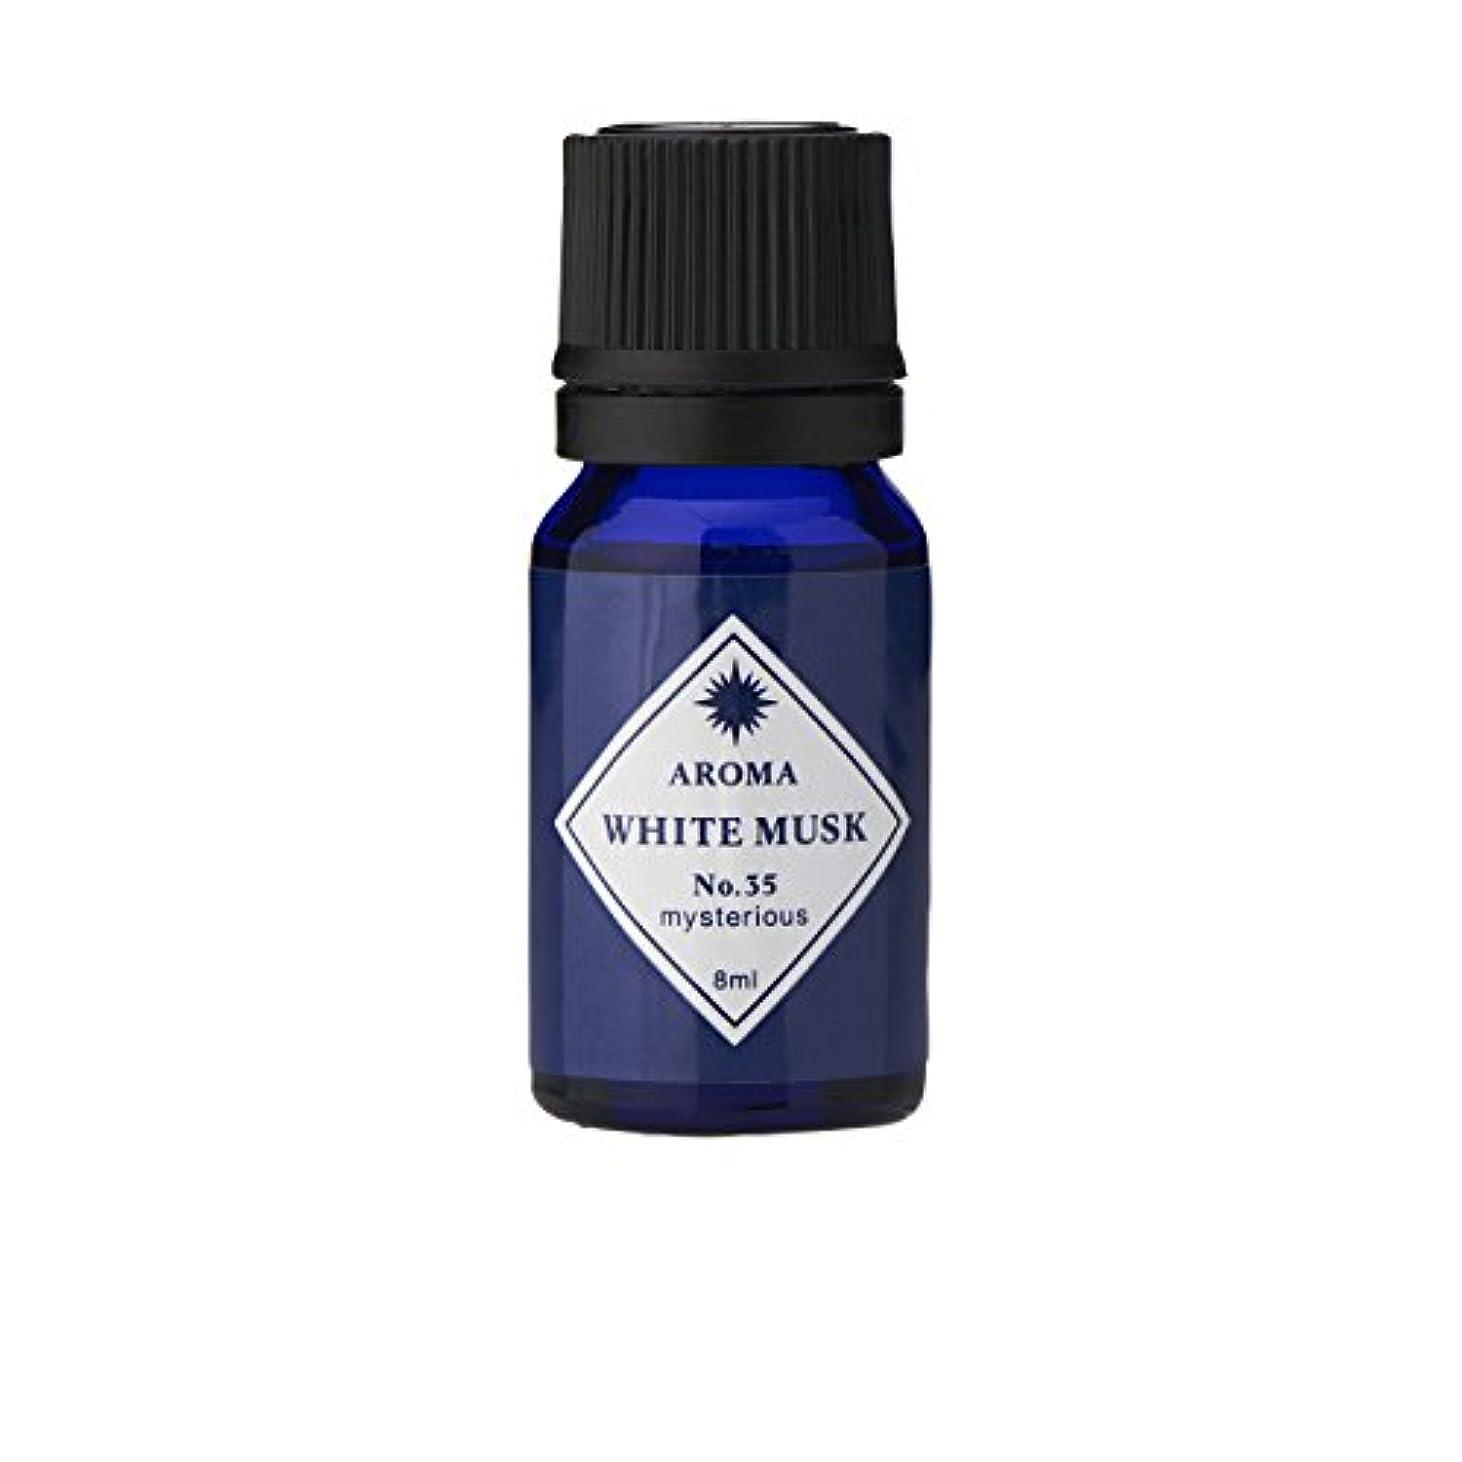 汚物リネン影のあるブルーラベル アロマエッセンス8ml ホワイトムスク(アロマオイル 調合香料 芳香用 魅惑的で洗練された万人に好まれる香り)